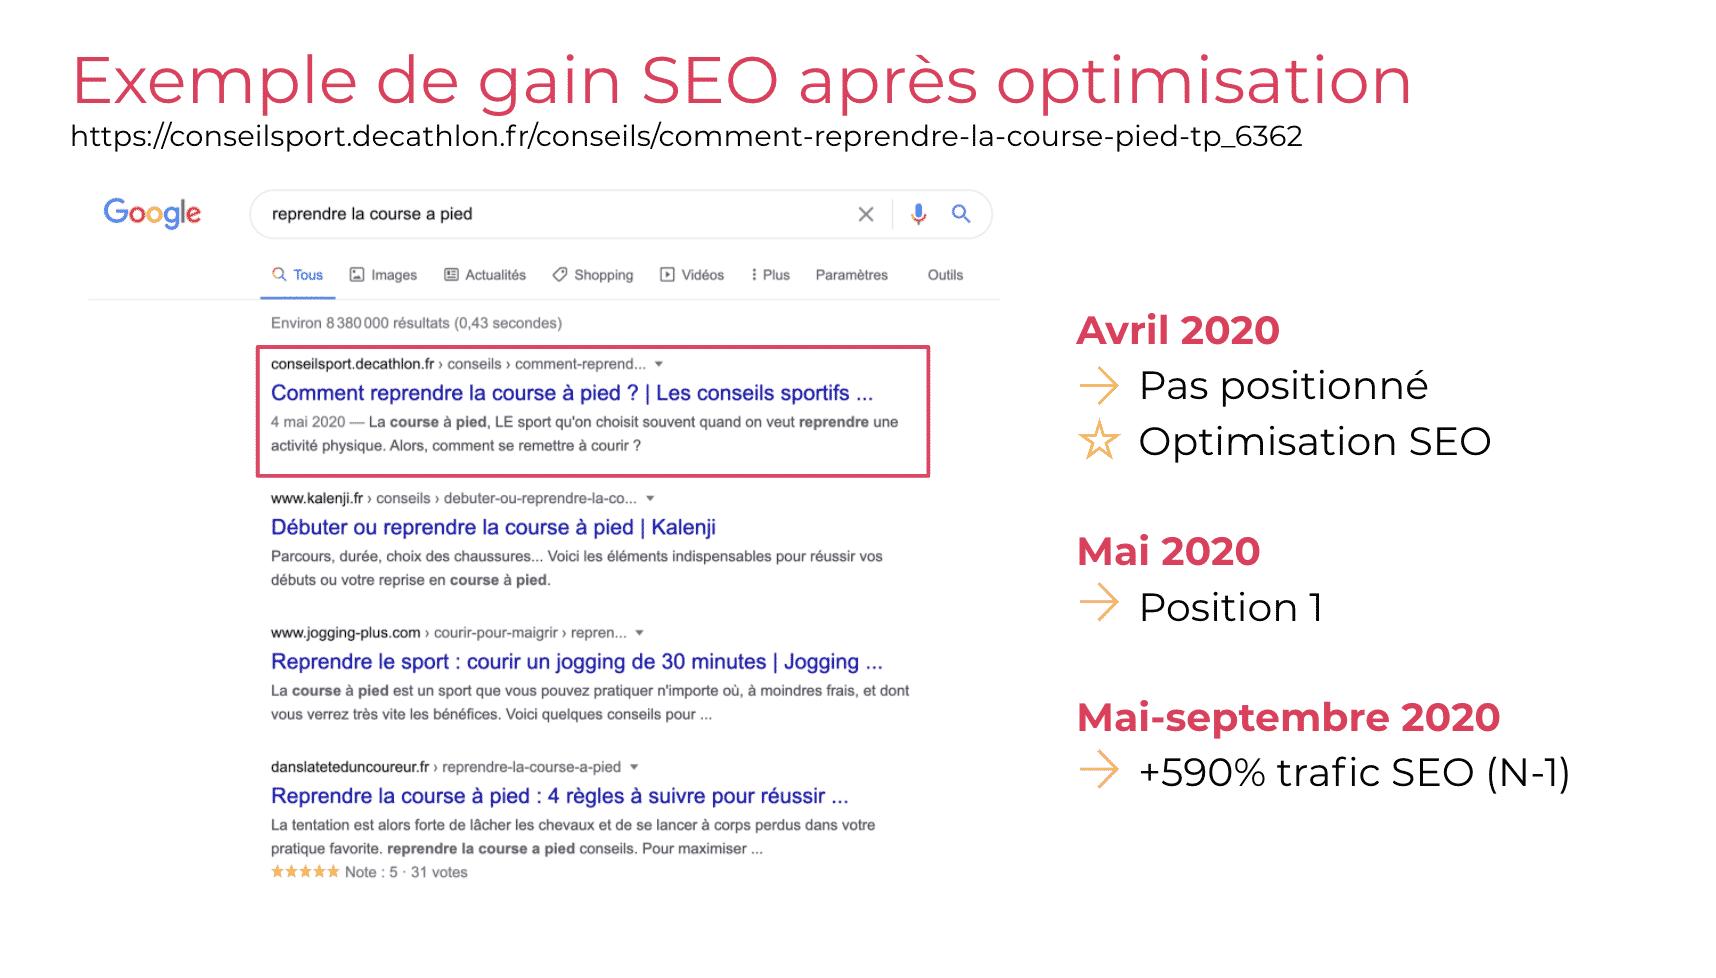 Exemple de gain seo après optimisation